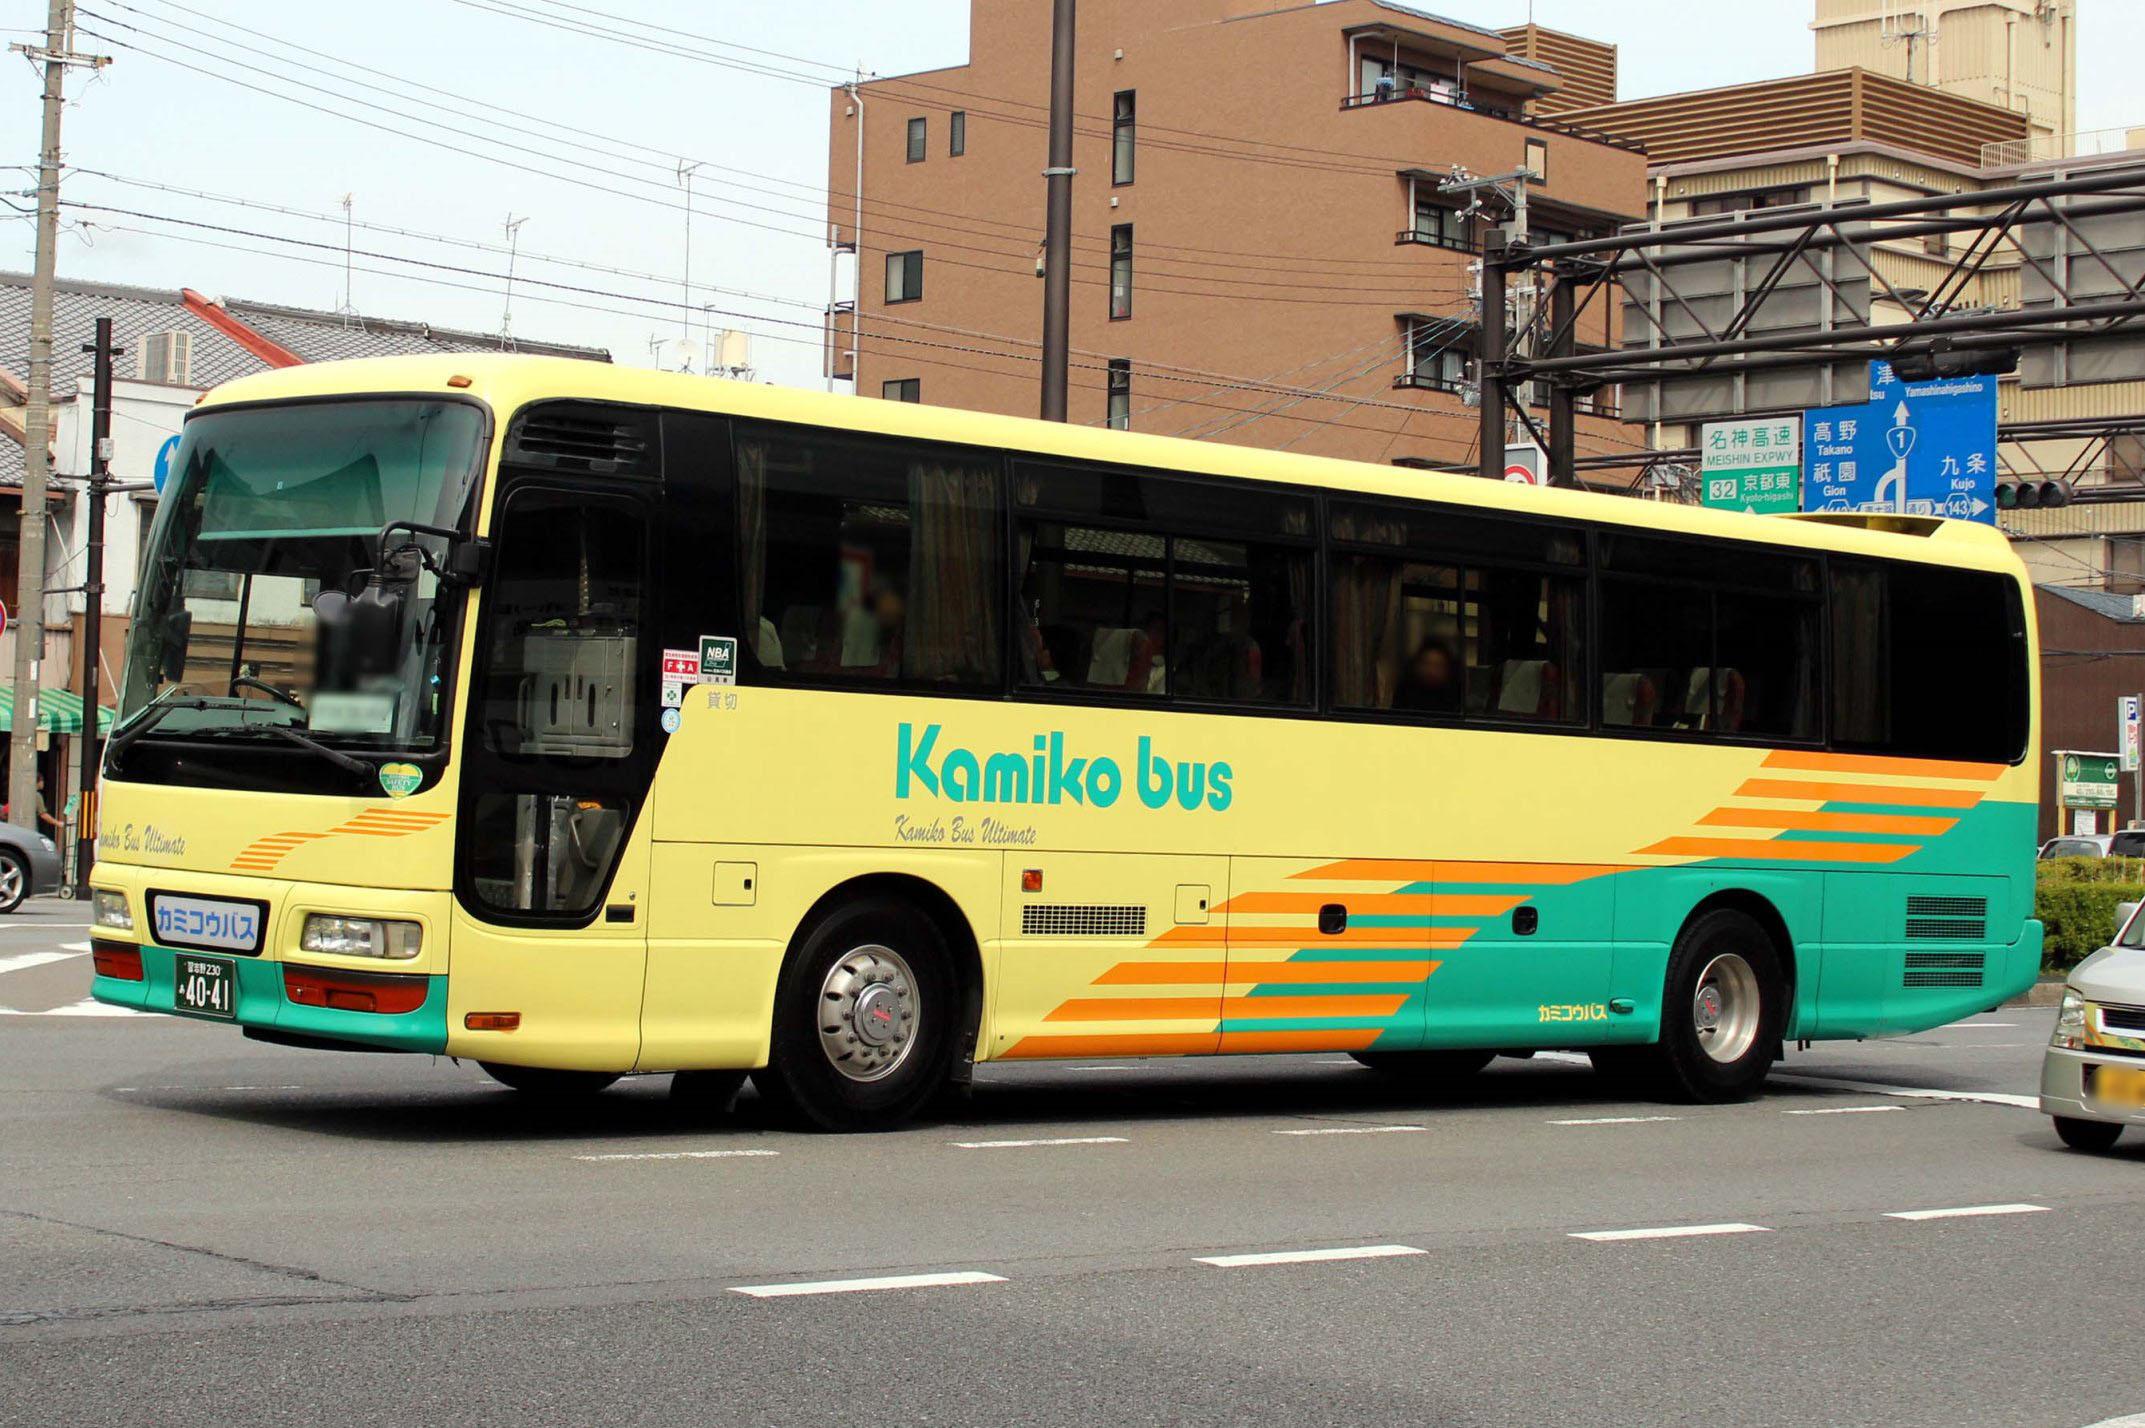 カミコウバス あ4041